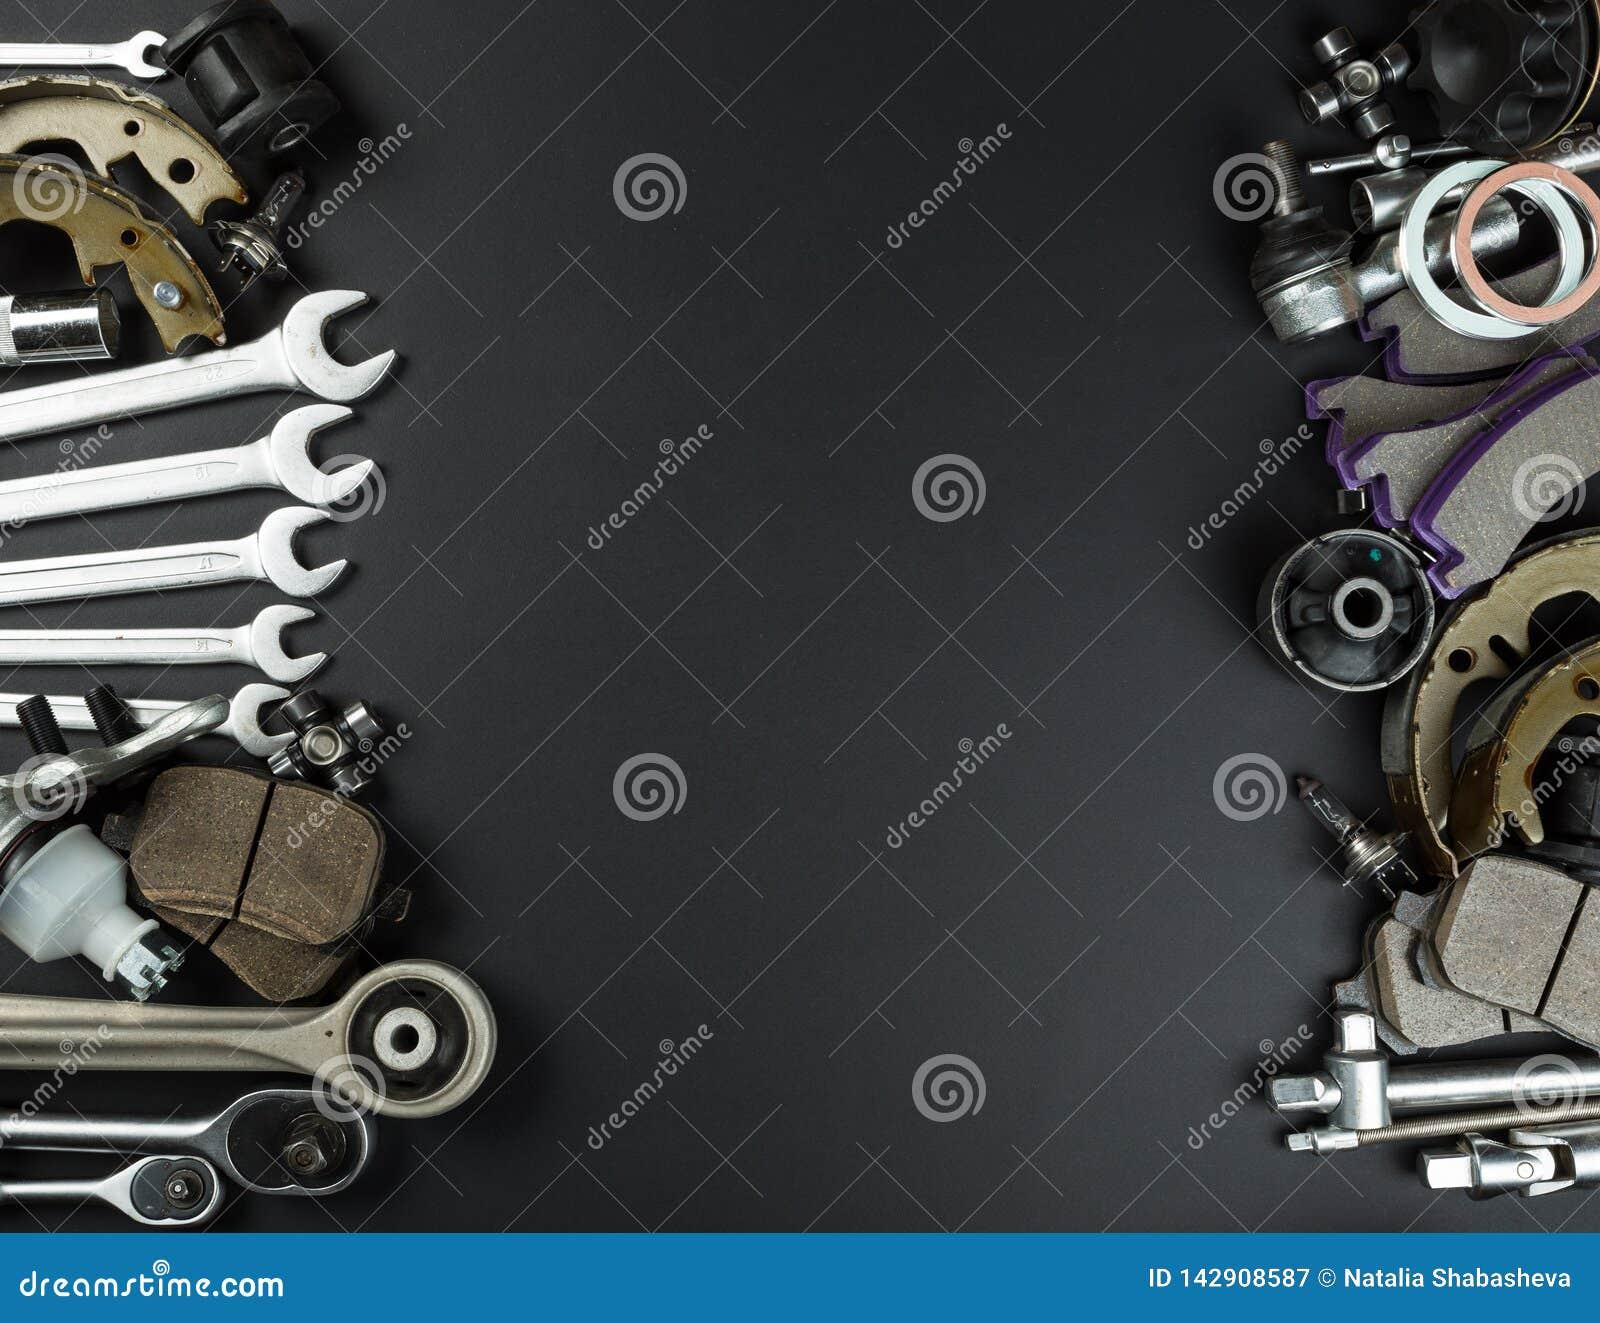 各种各样的汽车零件和工具